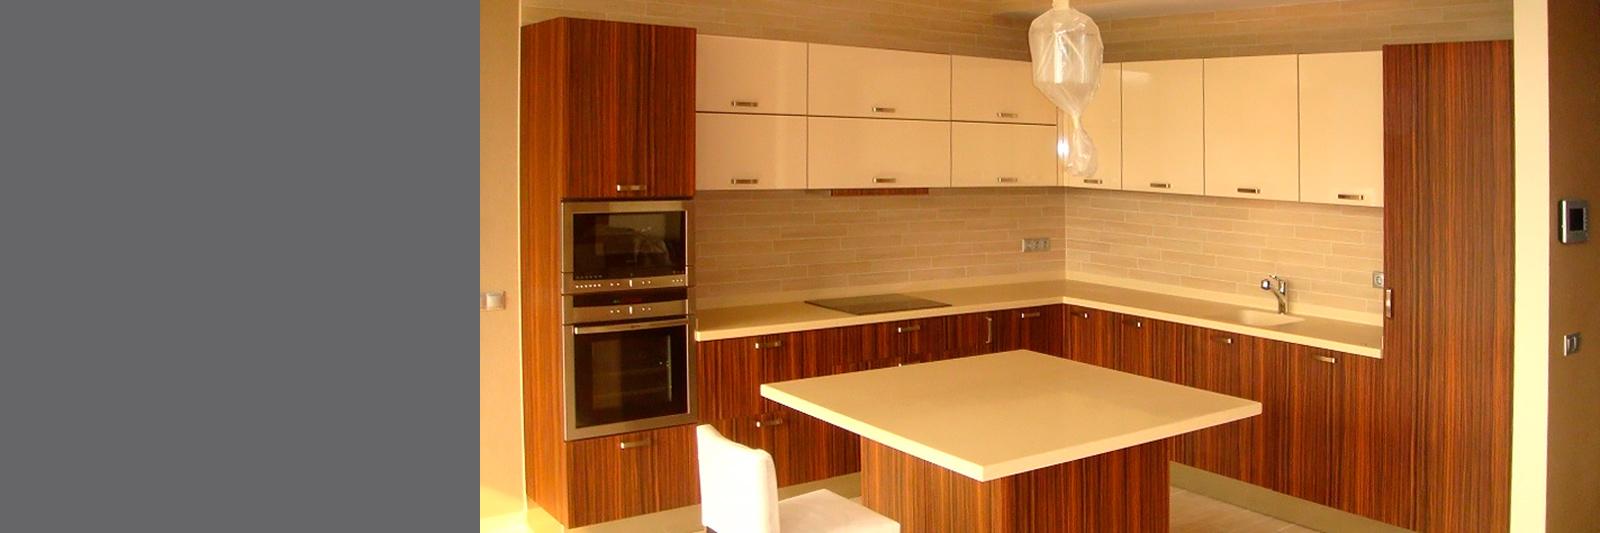 Угловая кухня на заказ в современном стиле